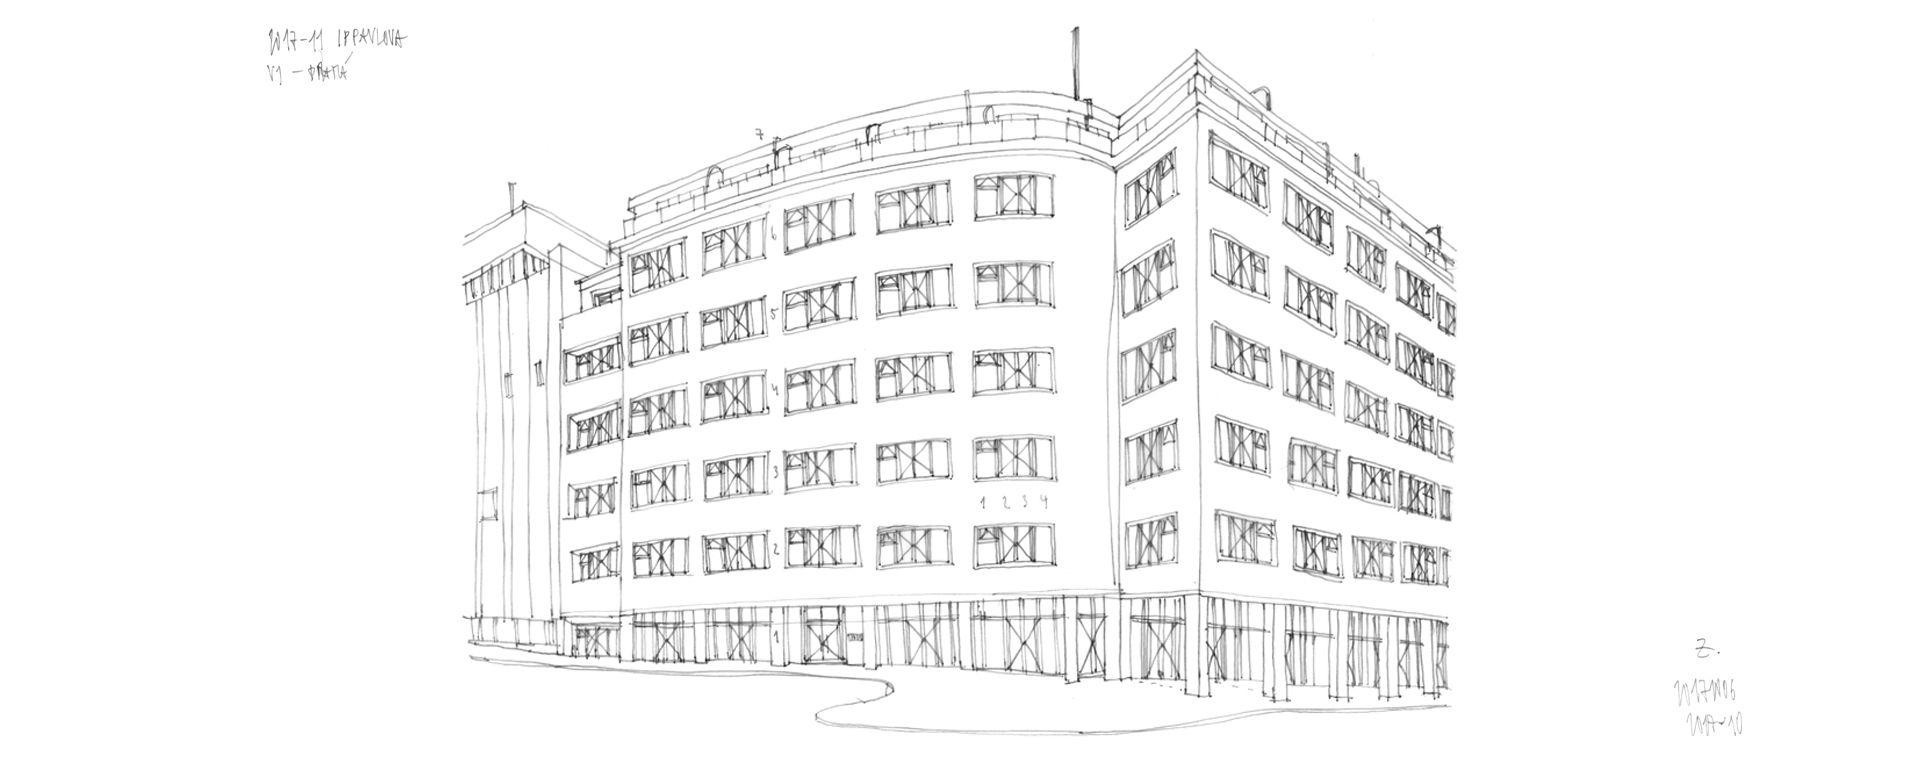 Architektonická studie na úpravu parteru tří domů a prostor I.P.Pavlova v Praze 2, Praha 2, 07/2017, CZ